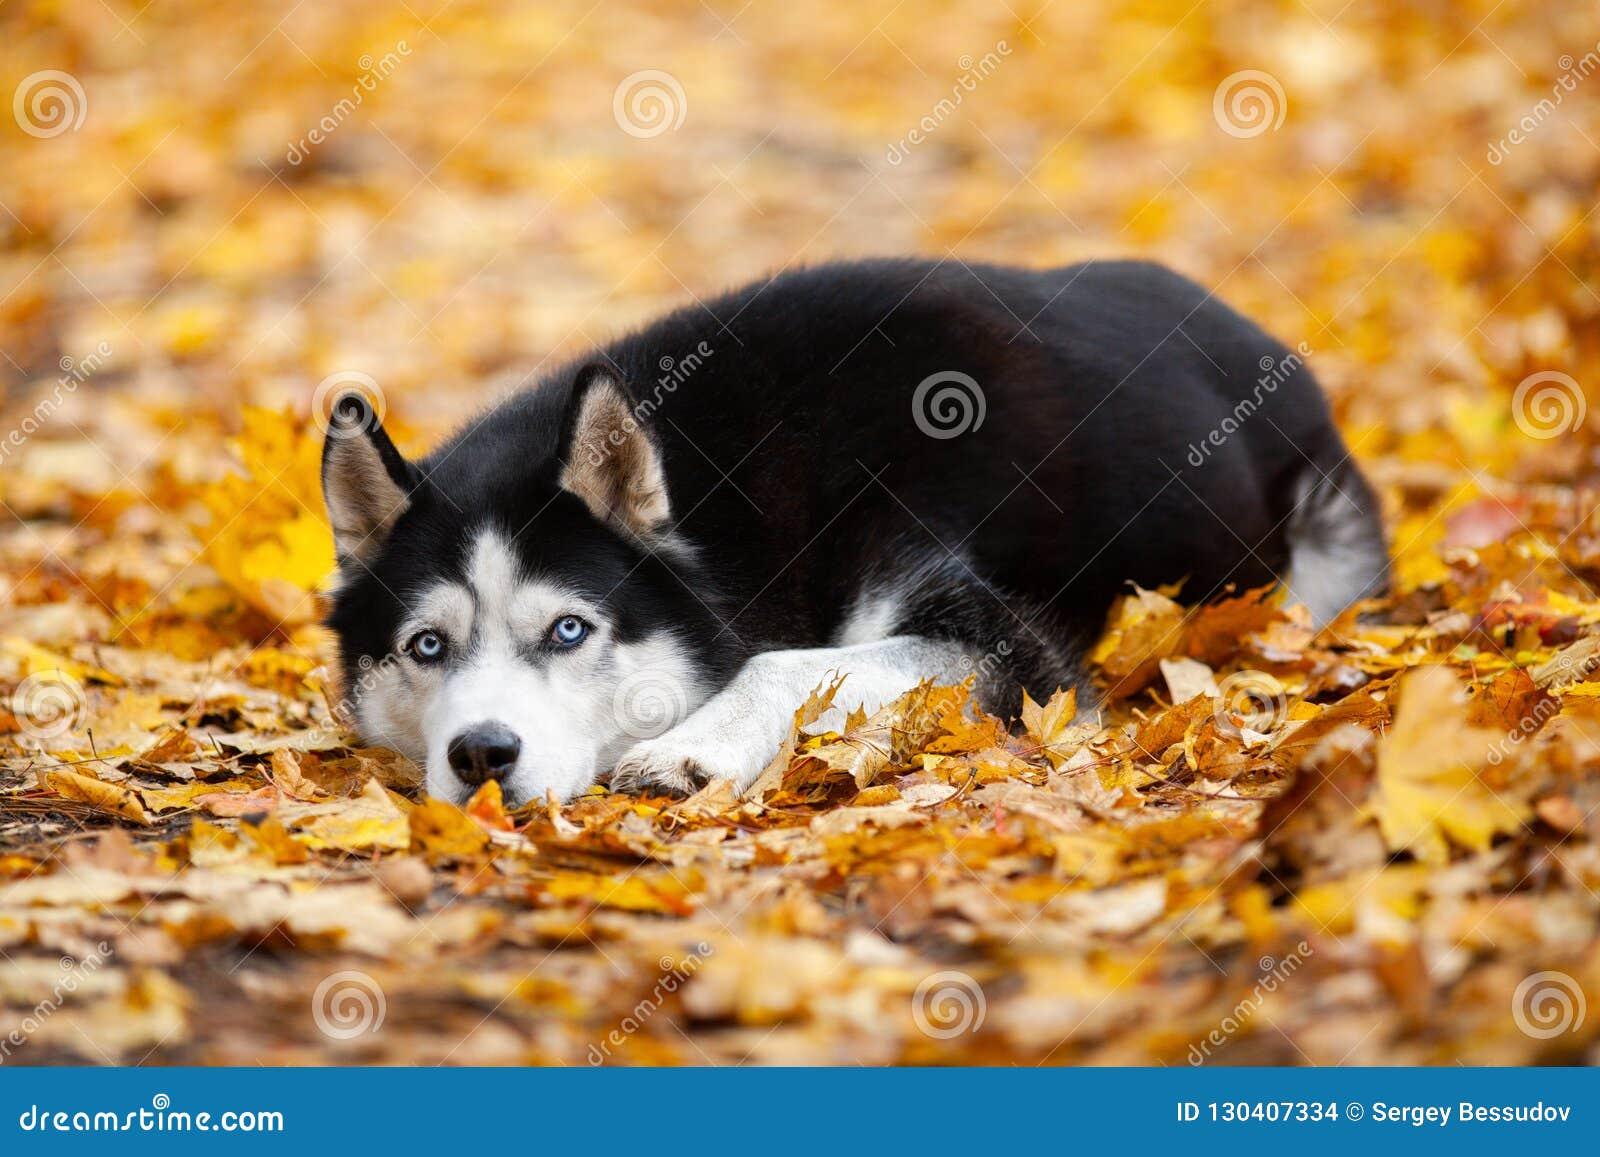 Schöner blauäugiger Schwarzweiss-sibirischer Husky liegt im gelben Herbstlaub Netter Herbsthund